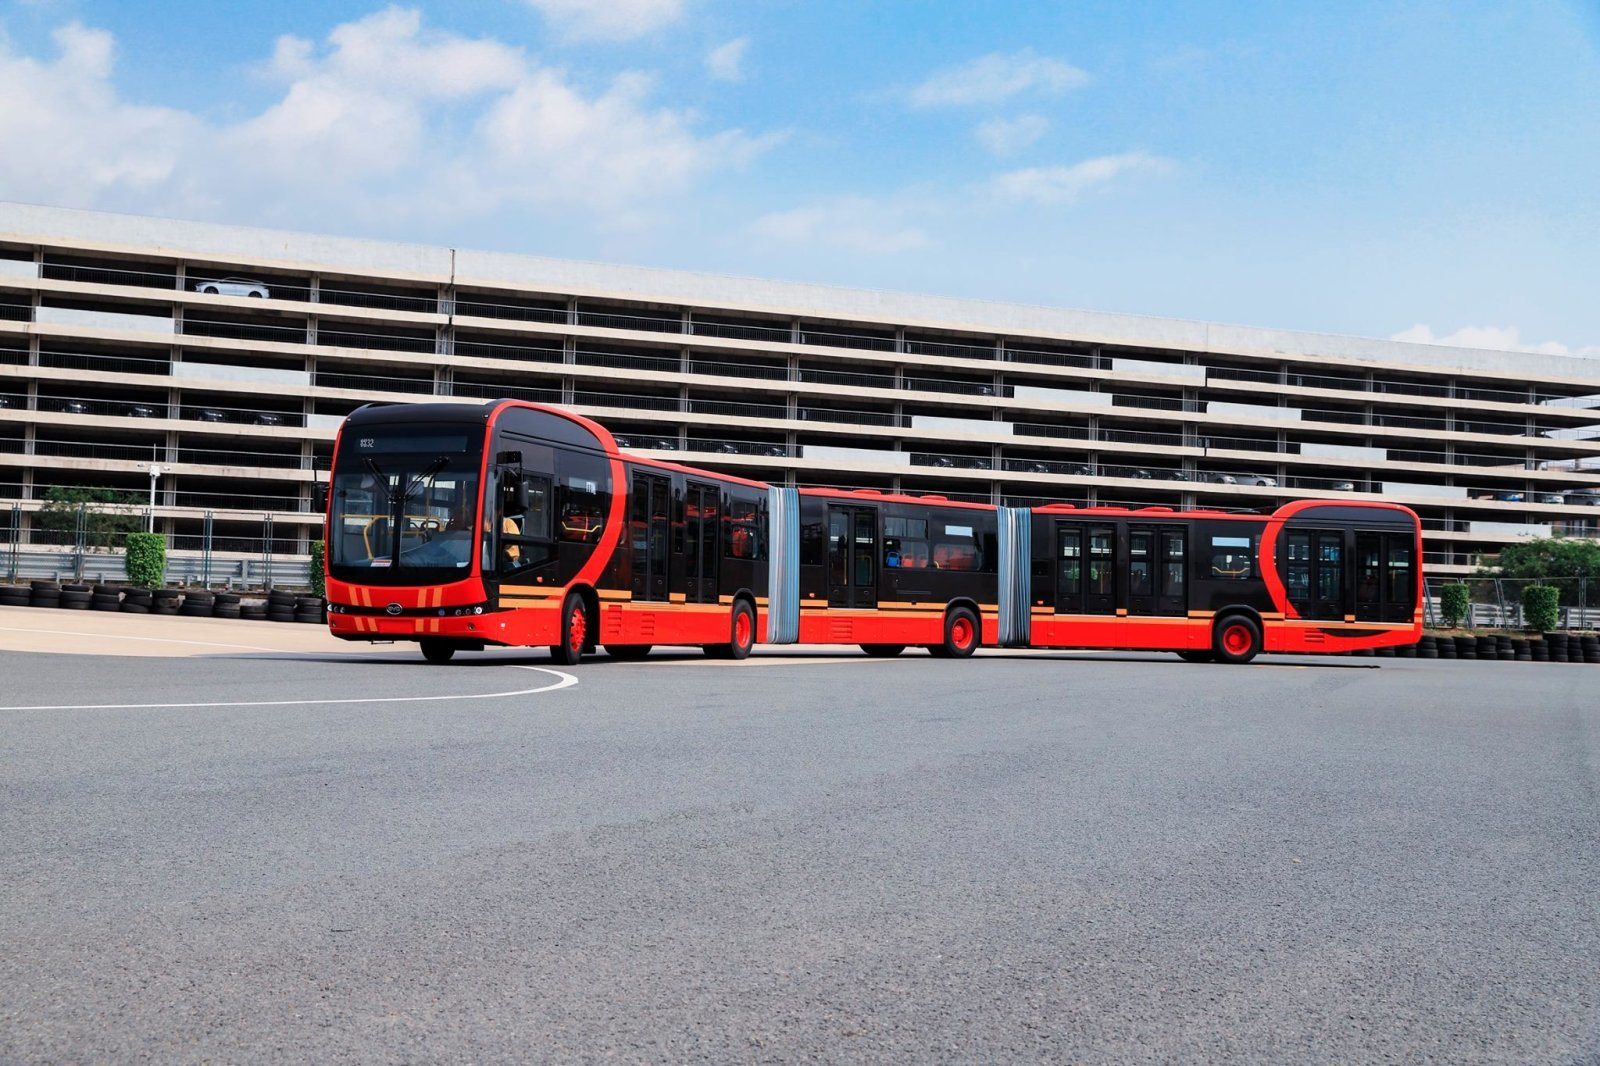 比亚迪推出27米全球最长纯电动巴士